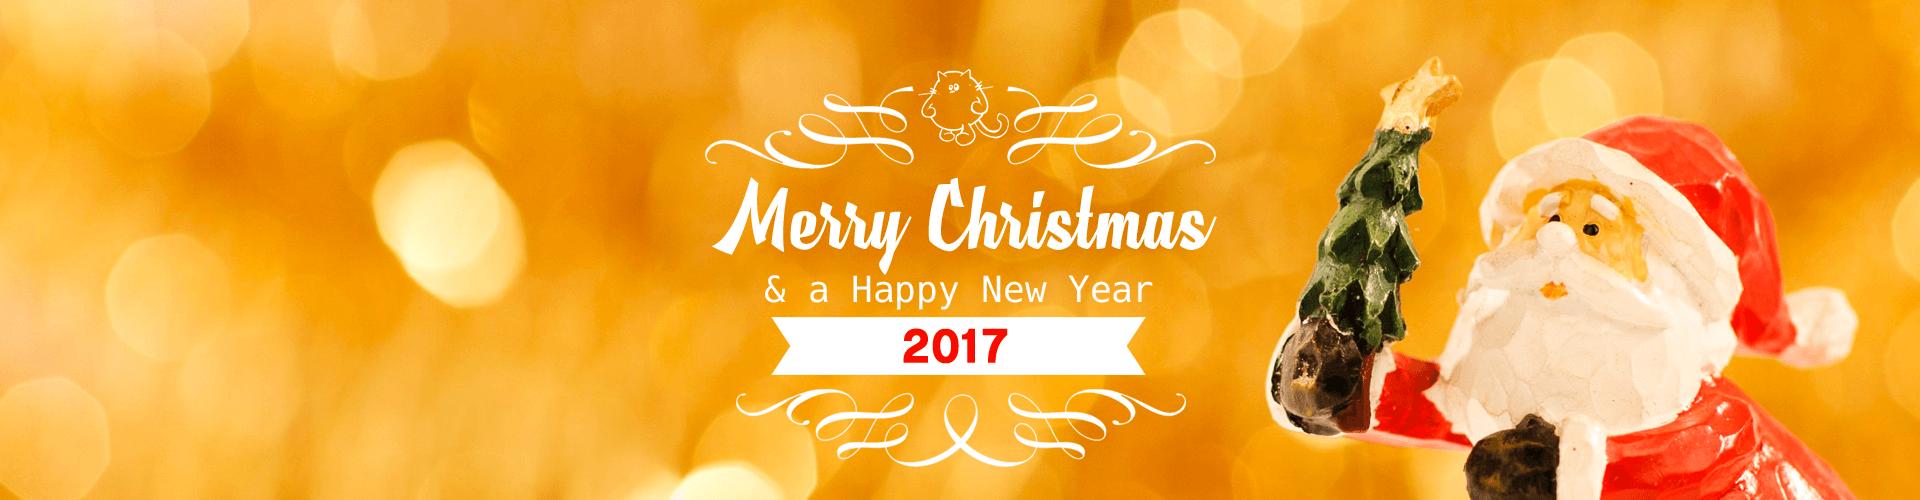 Feliz Navidad y Feliz año nuevo 2017